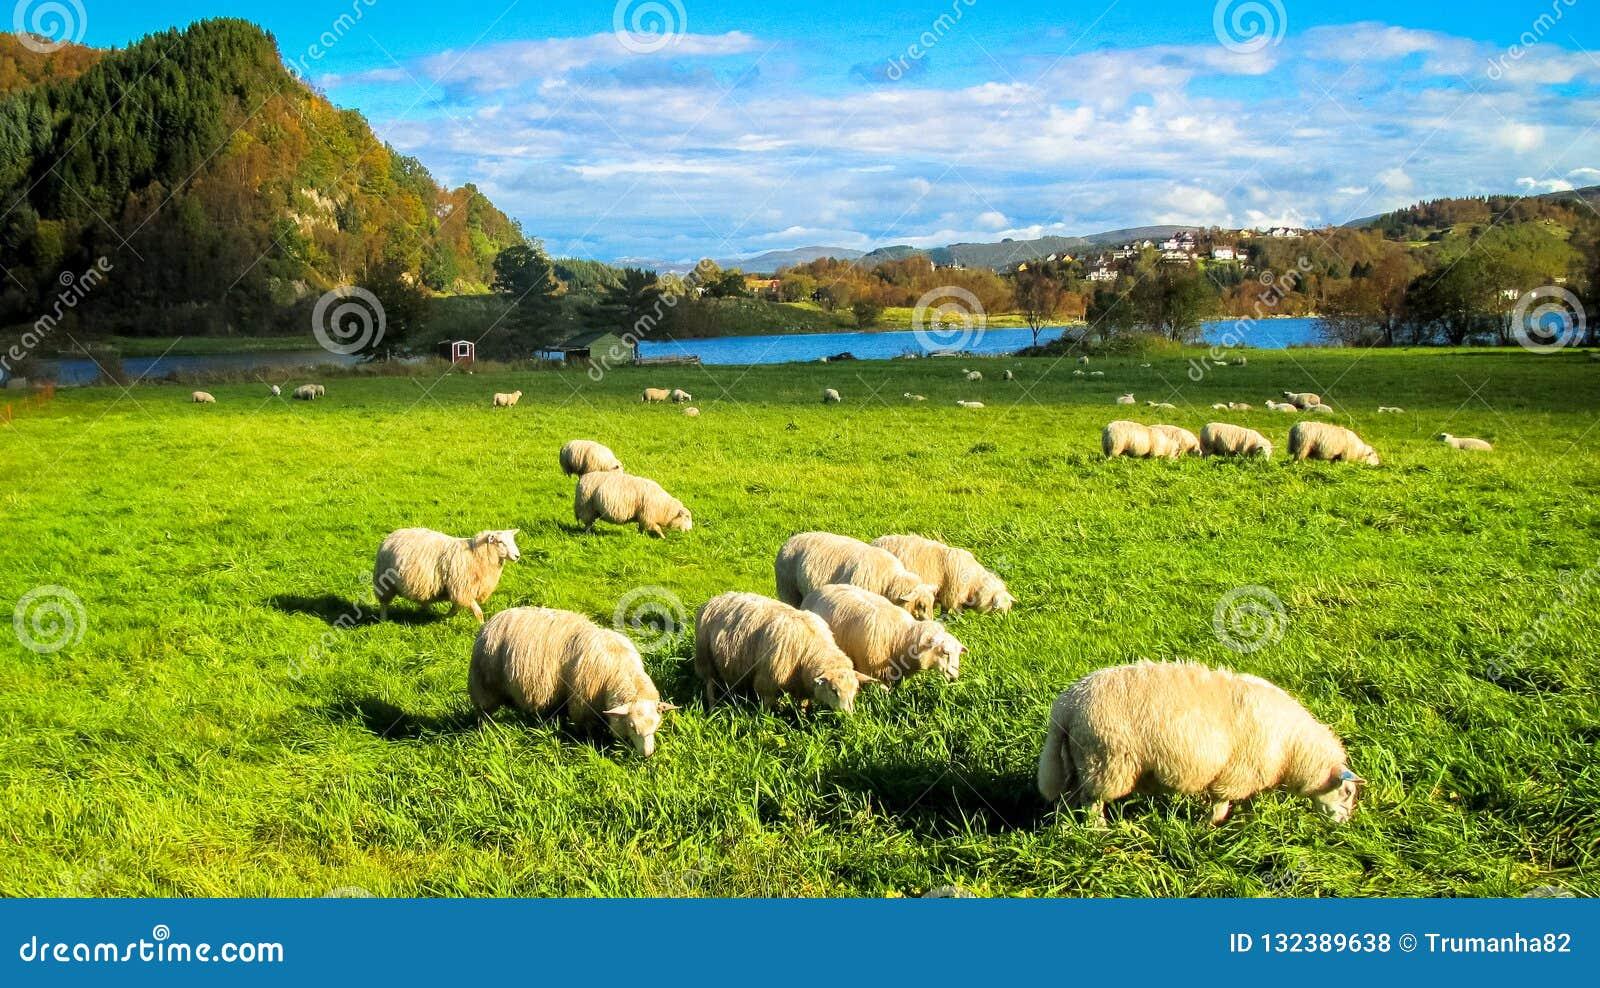 Ländliche Szene mit einer Herde von den Schafen, die Gras auf einer Wiese im Herbst essen